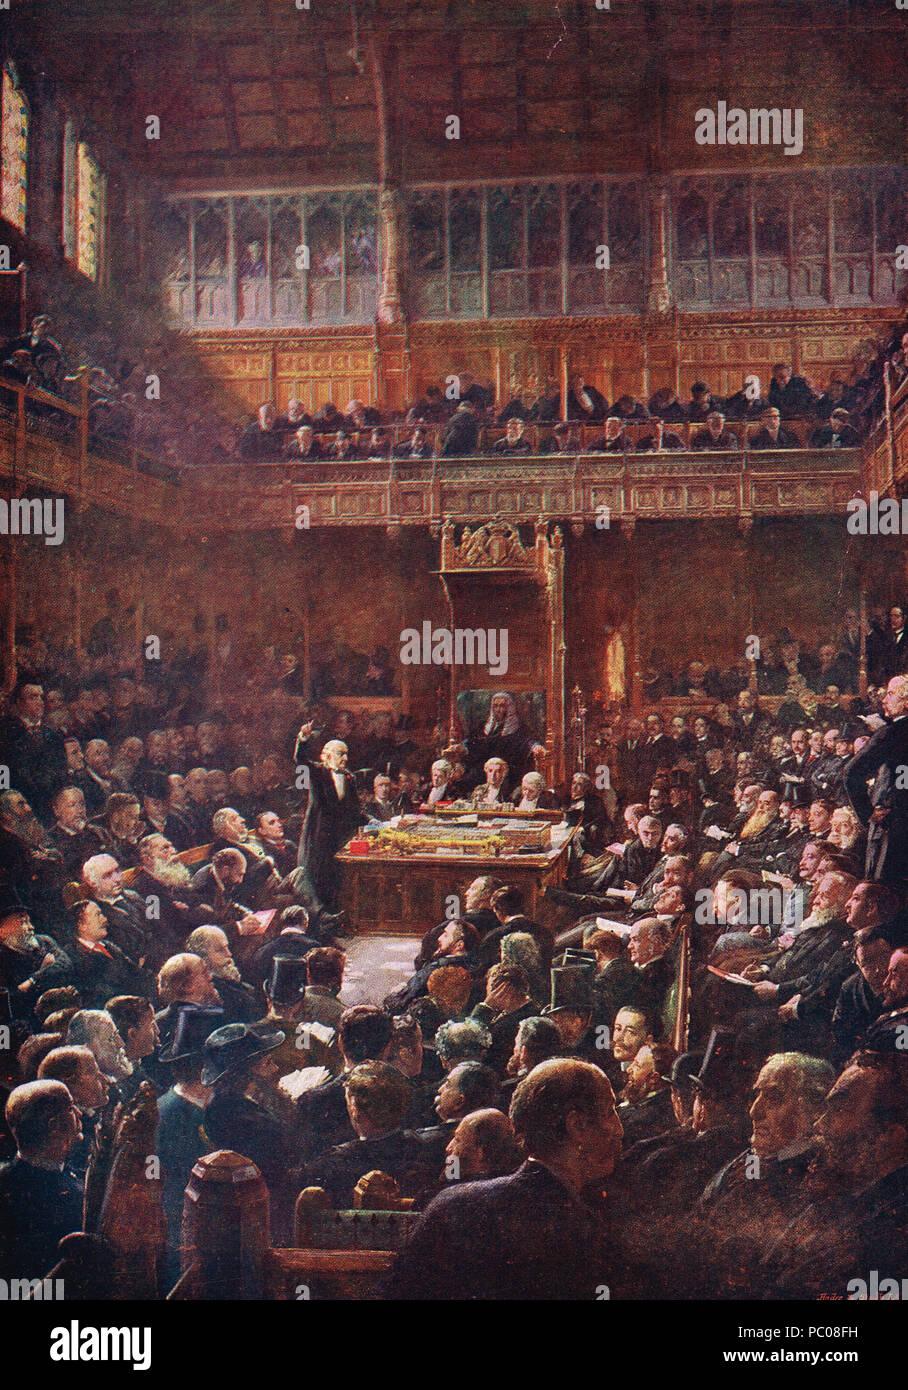 William Gladstone Rede, die Einführung der zweiten Home Rule Bill, House of Commons, 13. Februar 1893 Stockbild